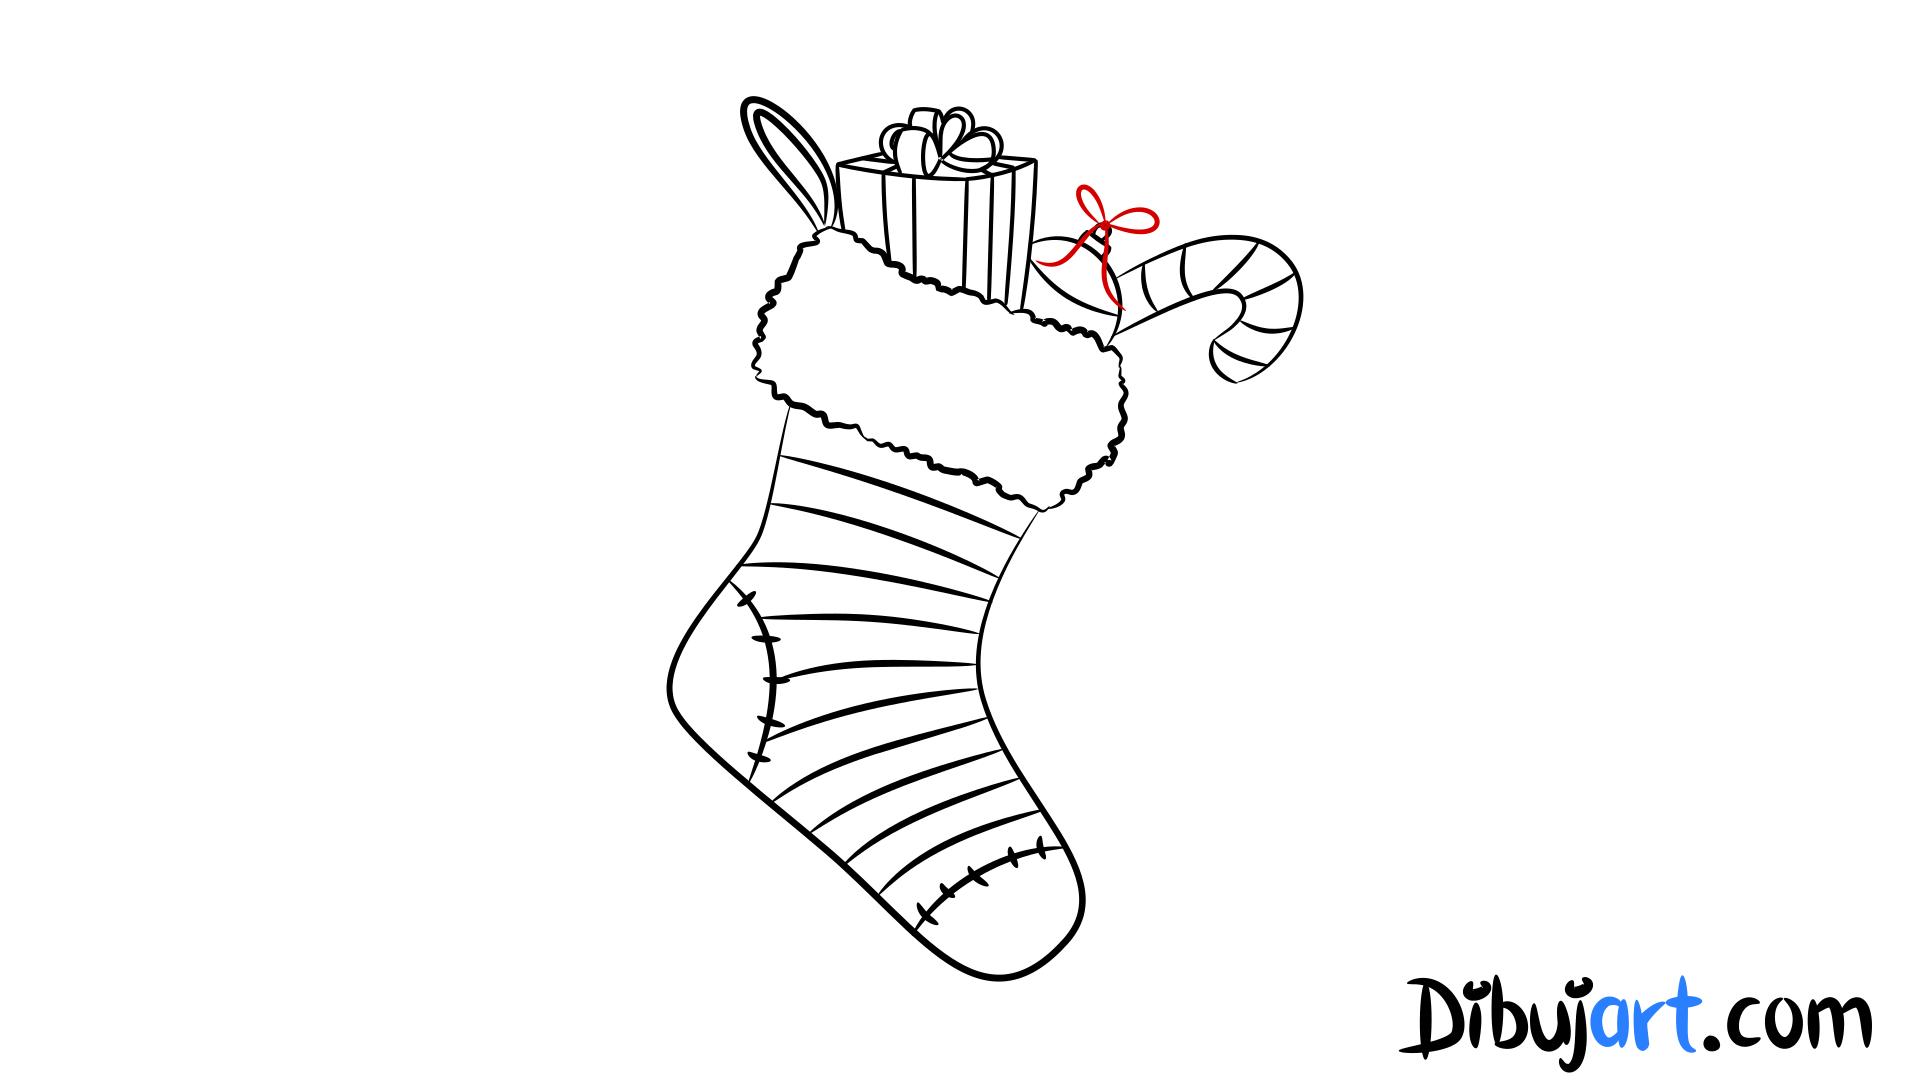 Cómo dibujar unas Botas de Navidad paso a paso | dibujart.com